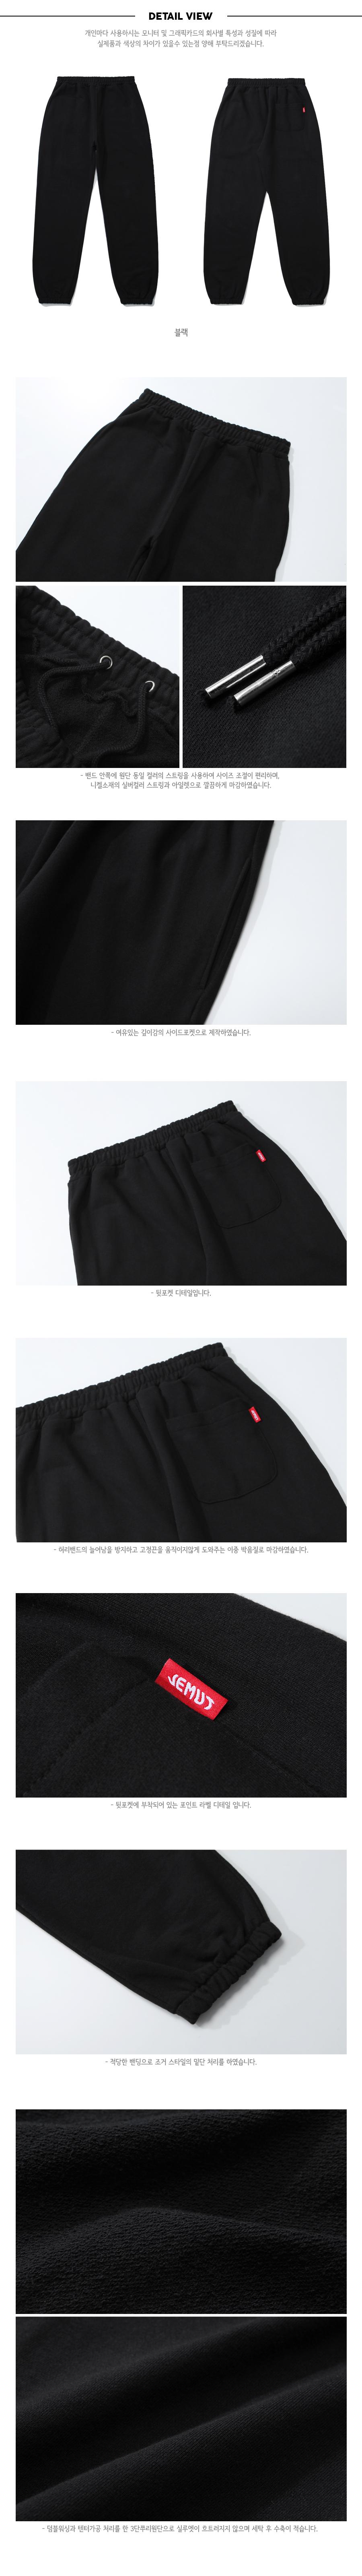 20190129_wide_easy_pants_detail_black_yh.jpg